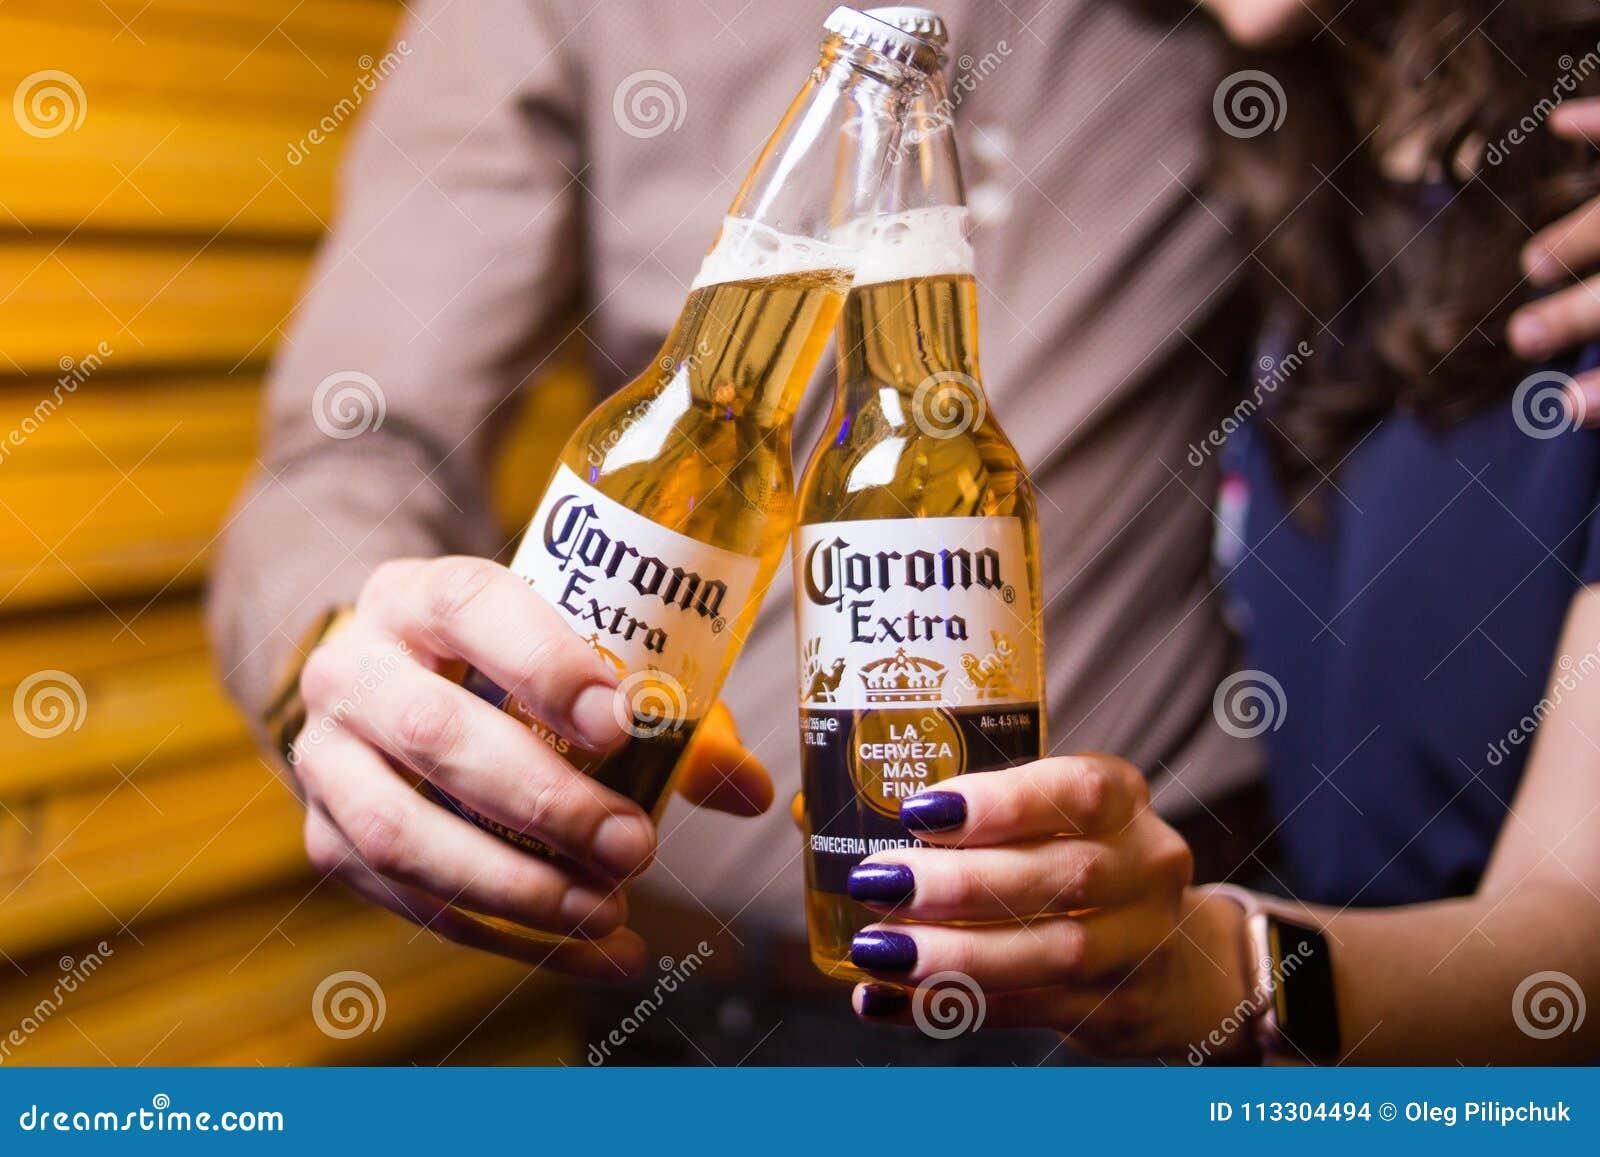 Cerveza de Corona Extra